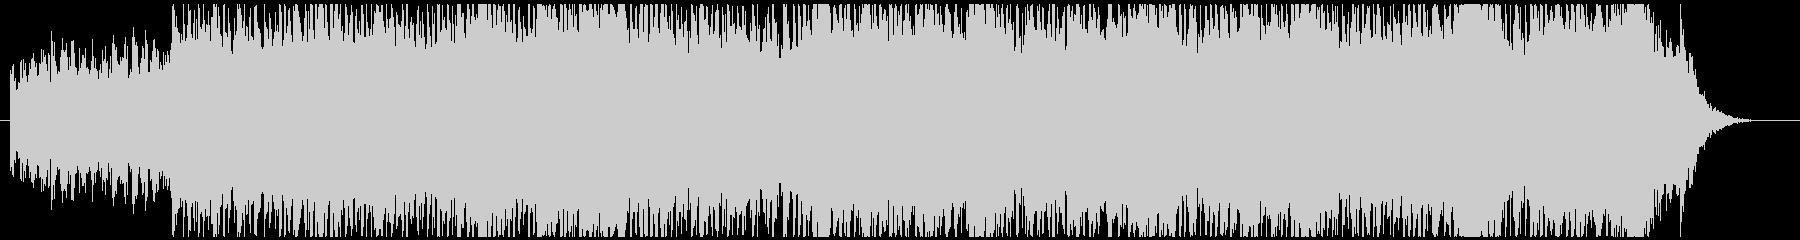 静かなピアノ・エレクトロニカの未再生の波形